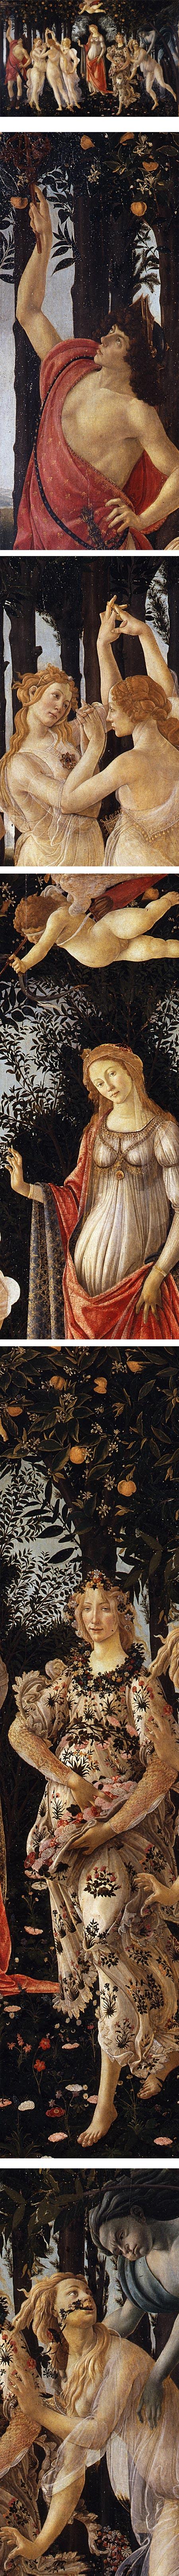 Primavera, Sandro Botticelli